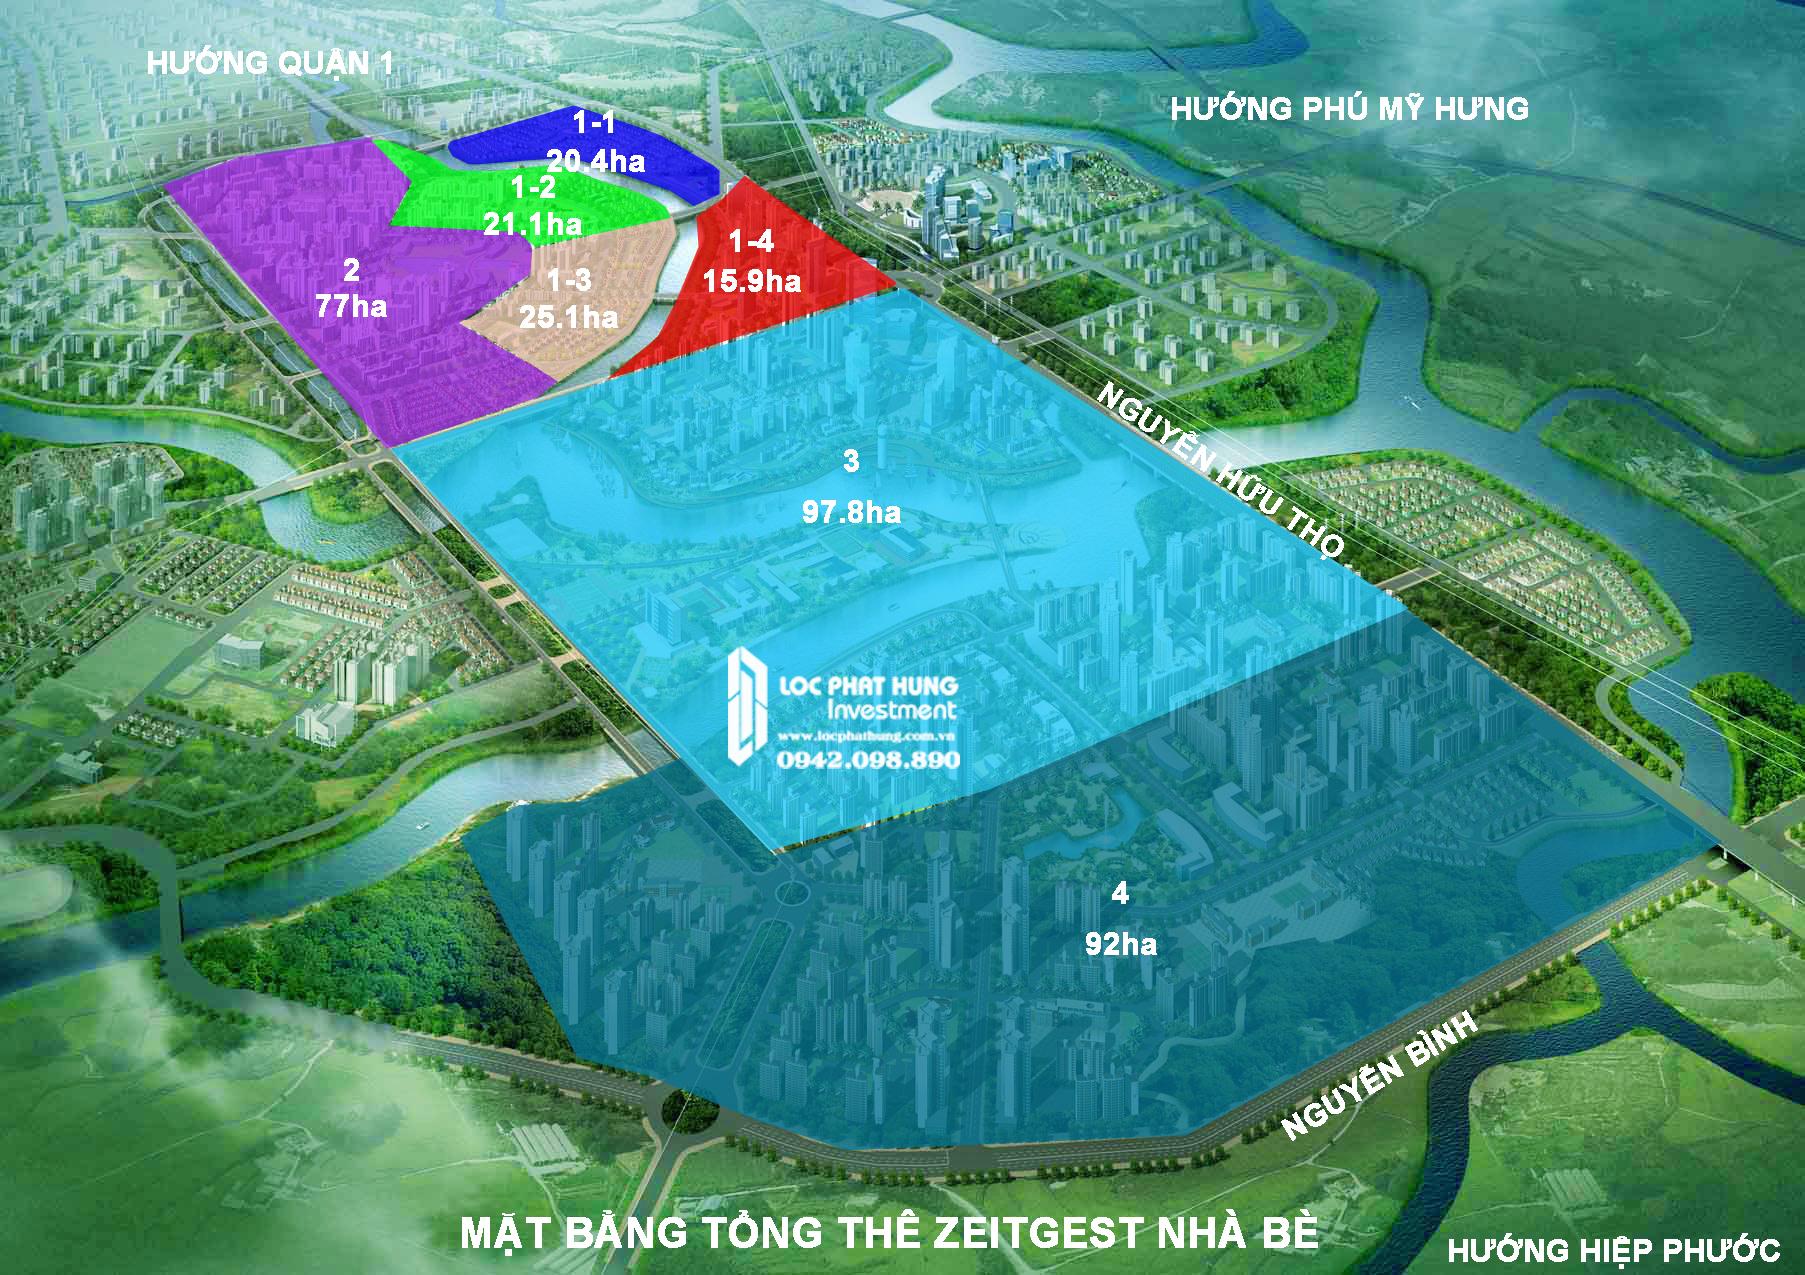 Sơ đồ tổng thể phân khu dự án Gs Nhà Bè ZeitGeist Hàn Quốc đường Nguyễn Hữu Thọ